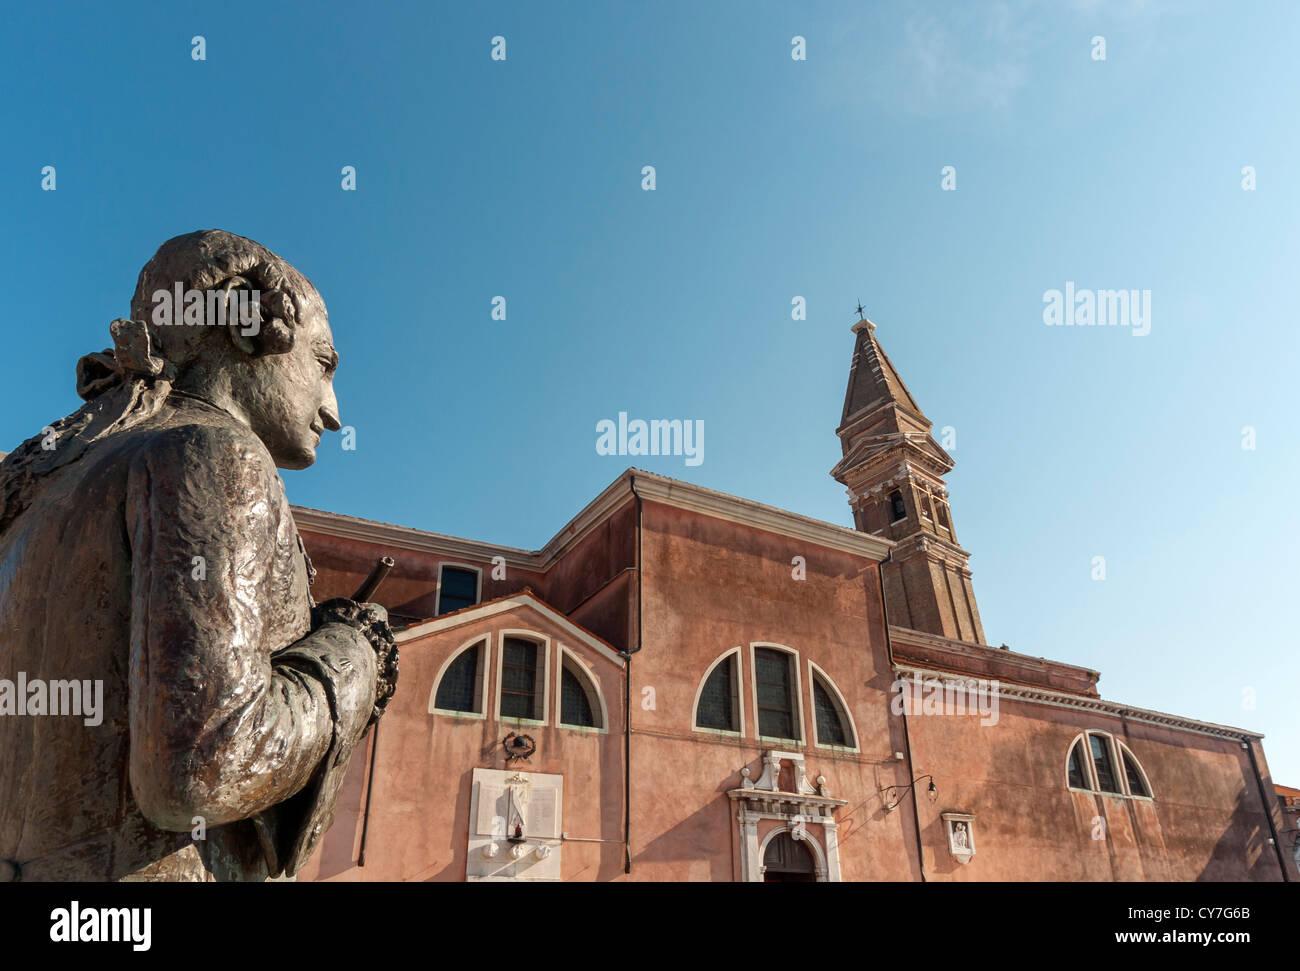 Statue of Baldassare Galuppi in front of San Martino Church, Burano, Venice, Veneto, Italy - Stock Image